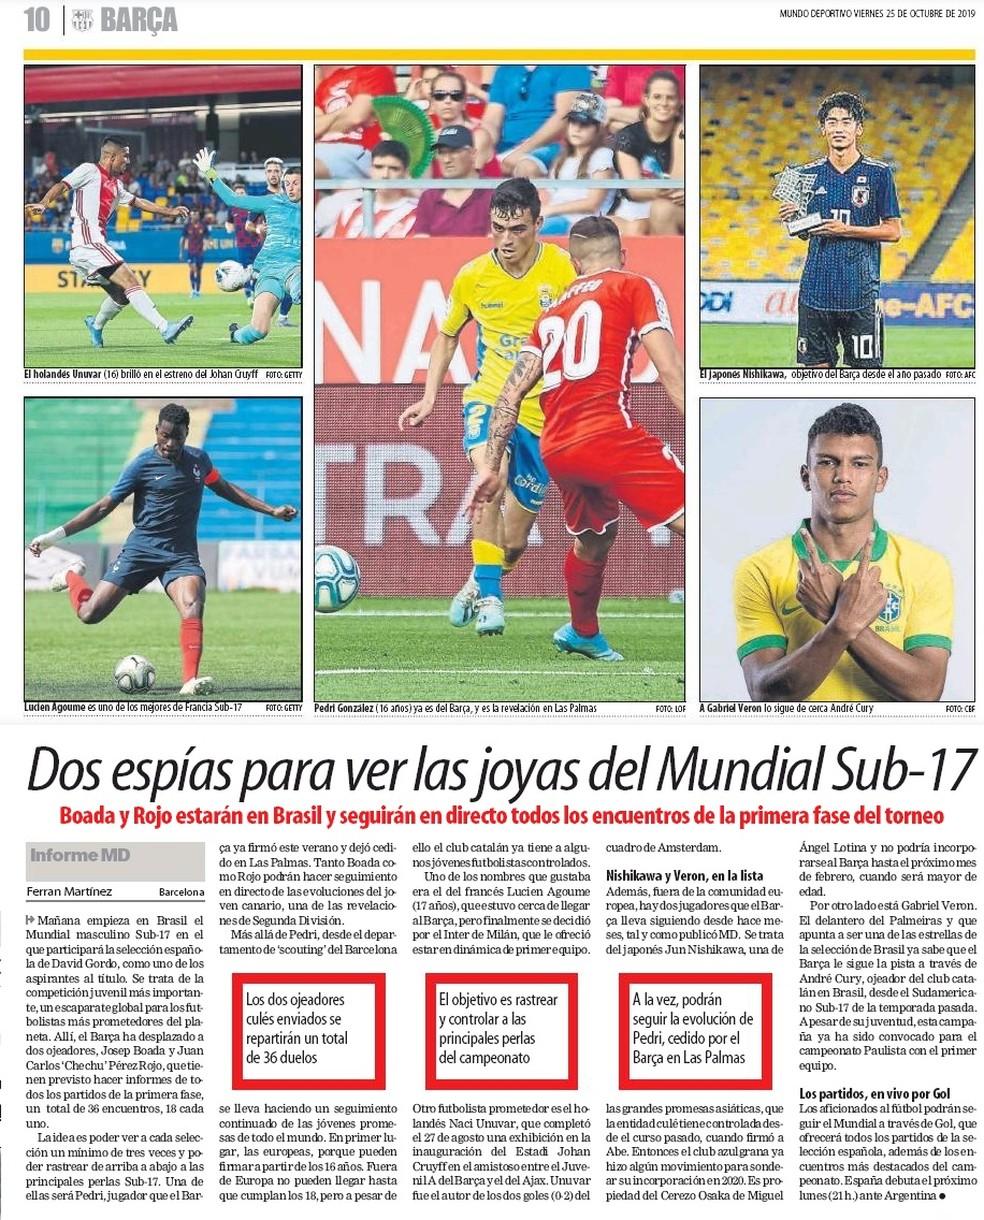 Mundo Deportivo Barcelona Gabriel Veron sub-17 — Foto: Reprodução/Mundo Deportivo